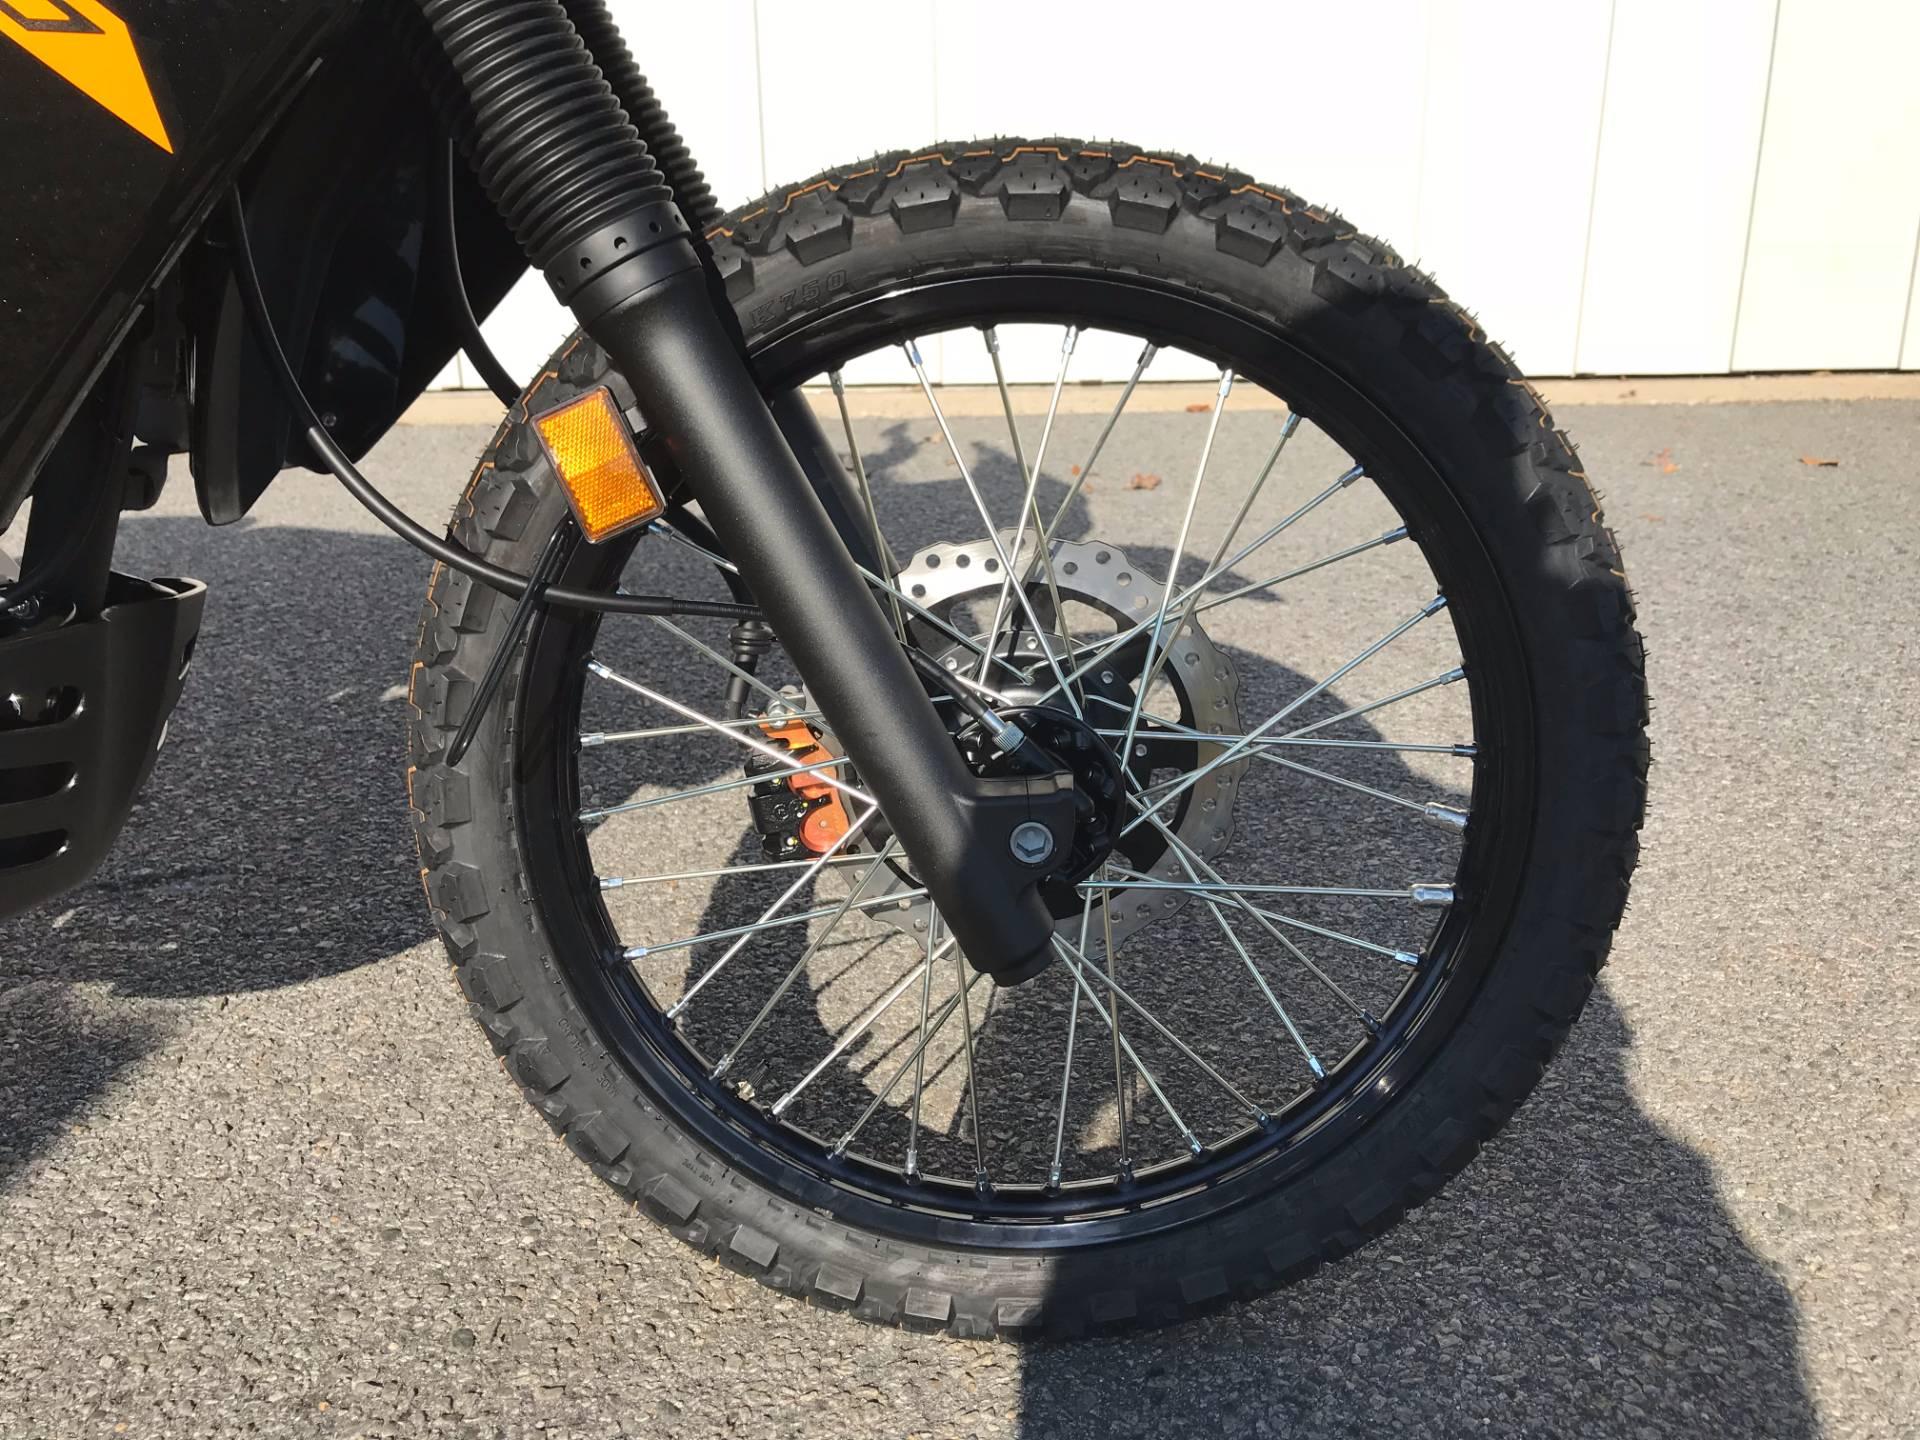 New 2018 Kawasaki Klr650 Motorcycles In Greenville Nc